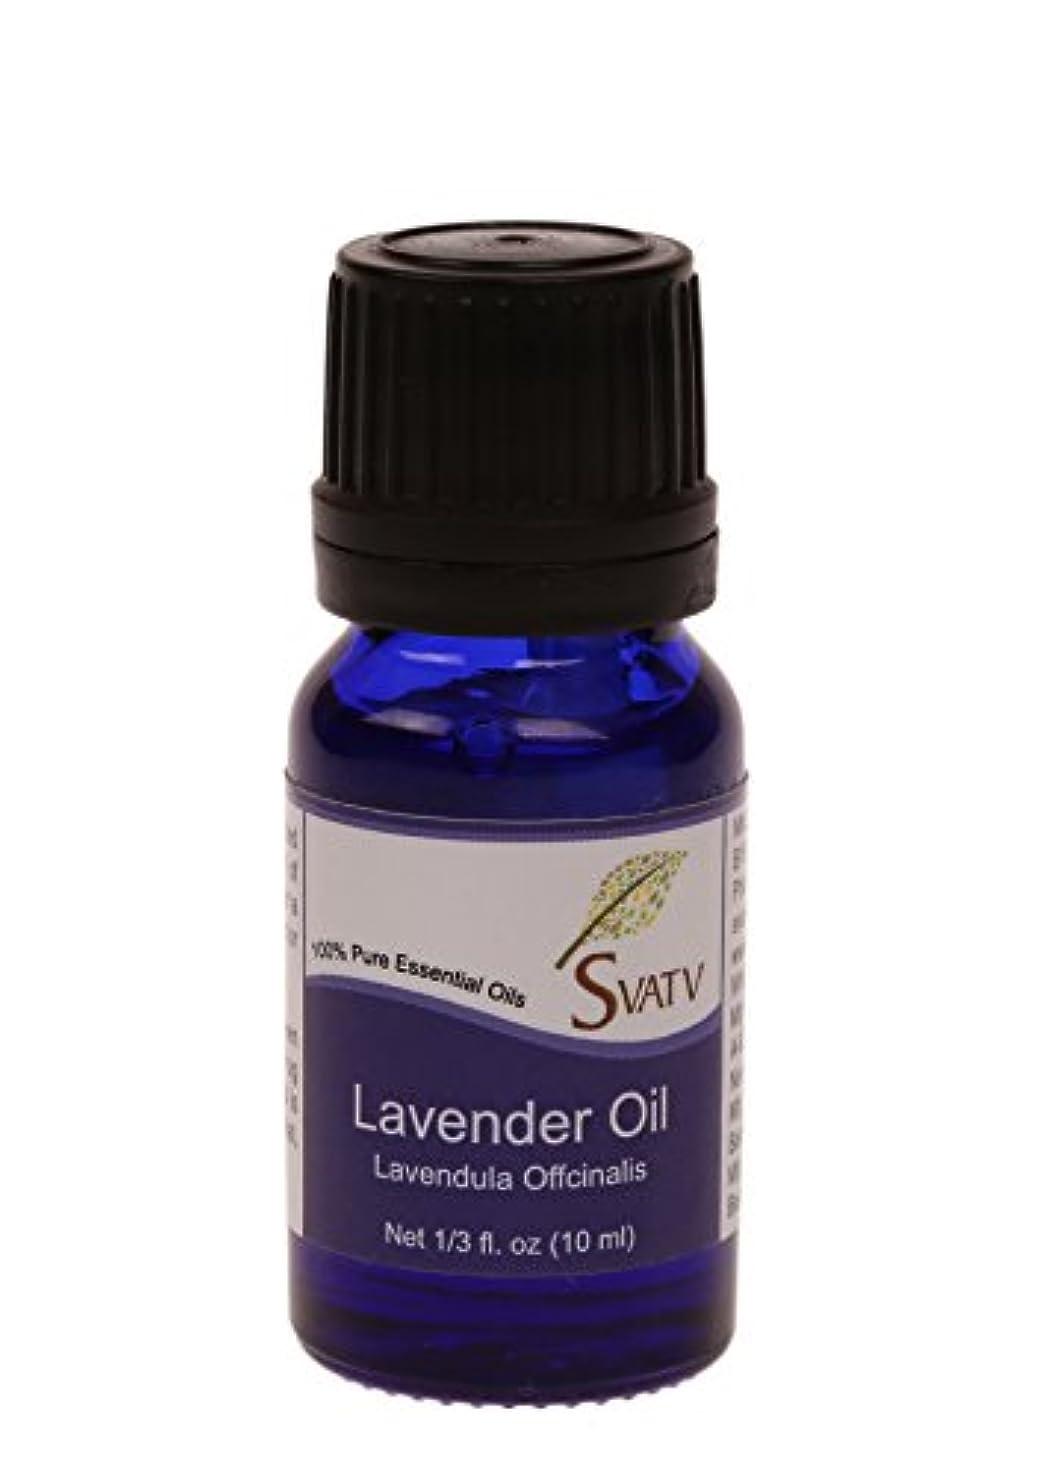 専制アラブ人対応SVATVラベンダー(Lavandula Officinalis)エッセンシャルオイル10mL(1/3オンス)100%純粋で無希釈、治療用グレード